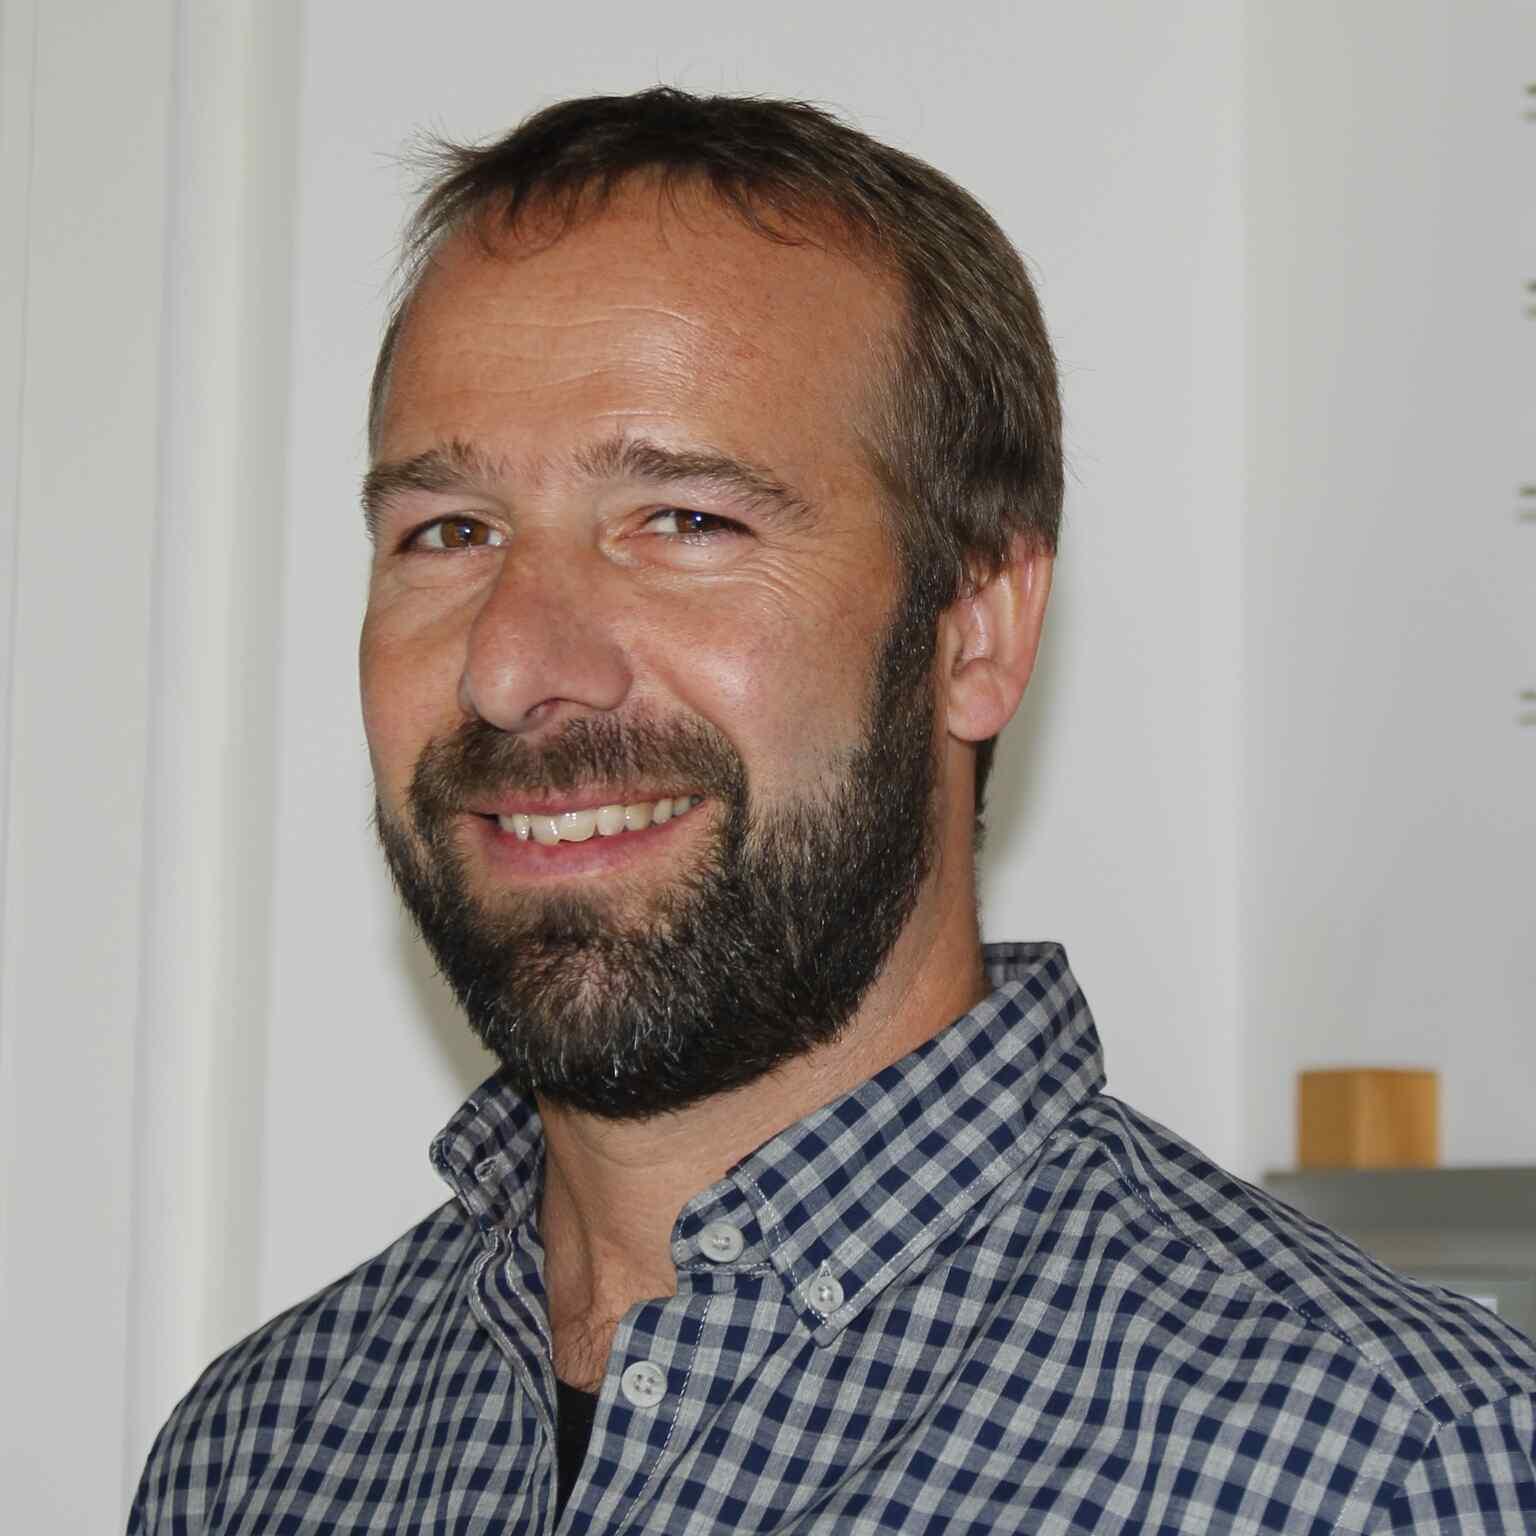 Geom. Andreas Lintner